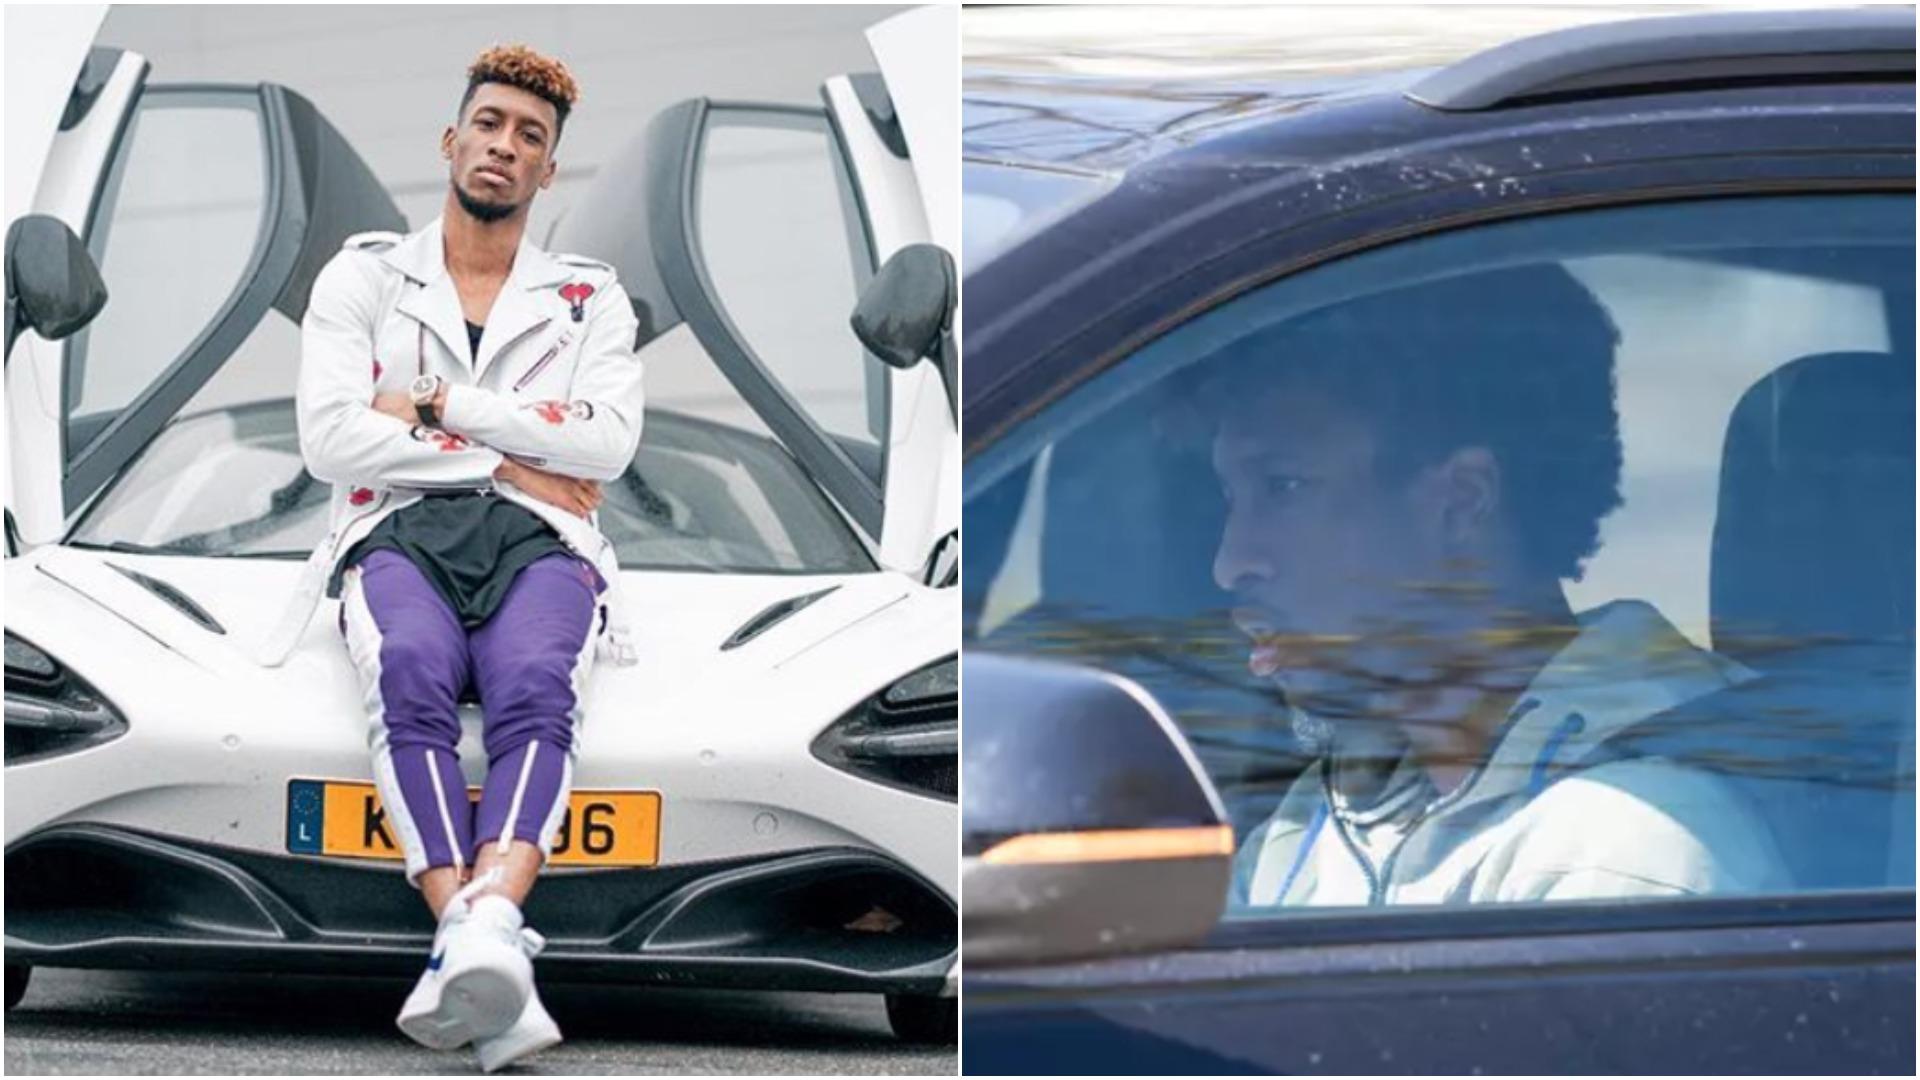 Nuk pyet për sponsorin Audi, gjobë e majme për Kingsley Coman